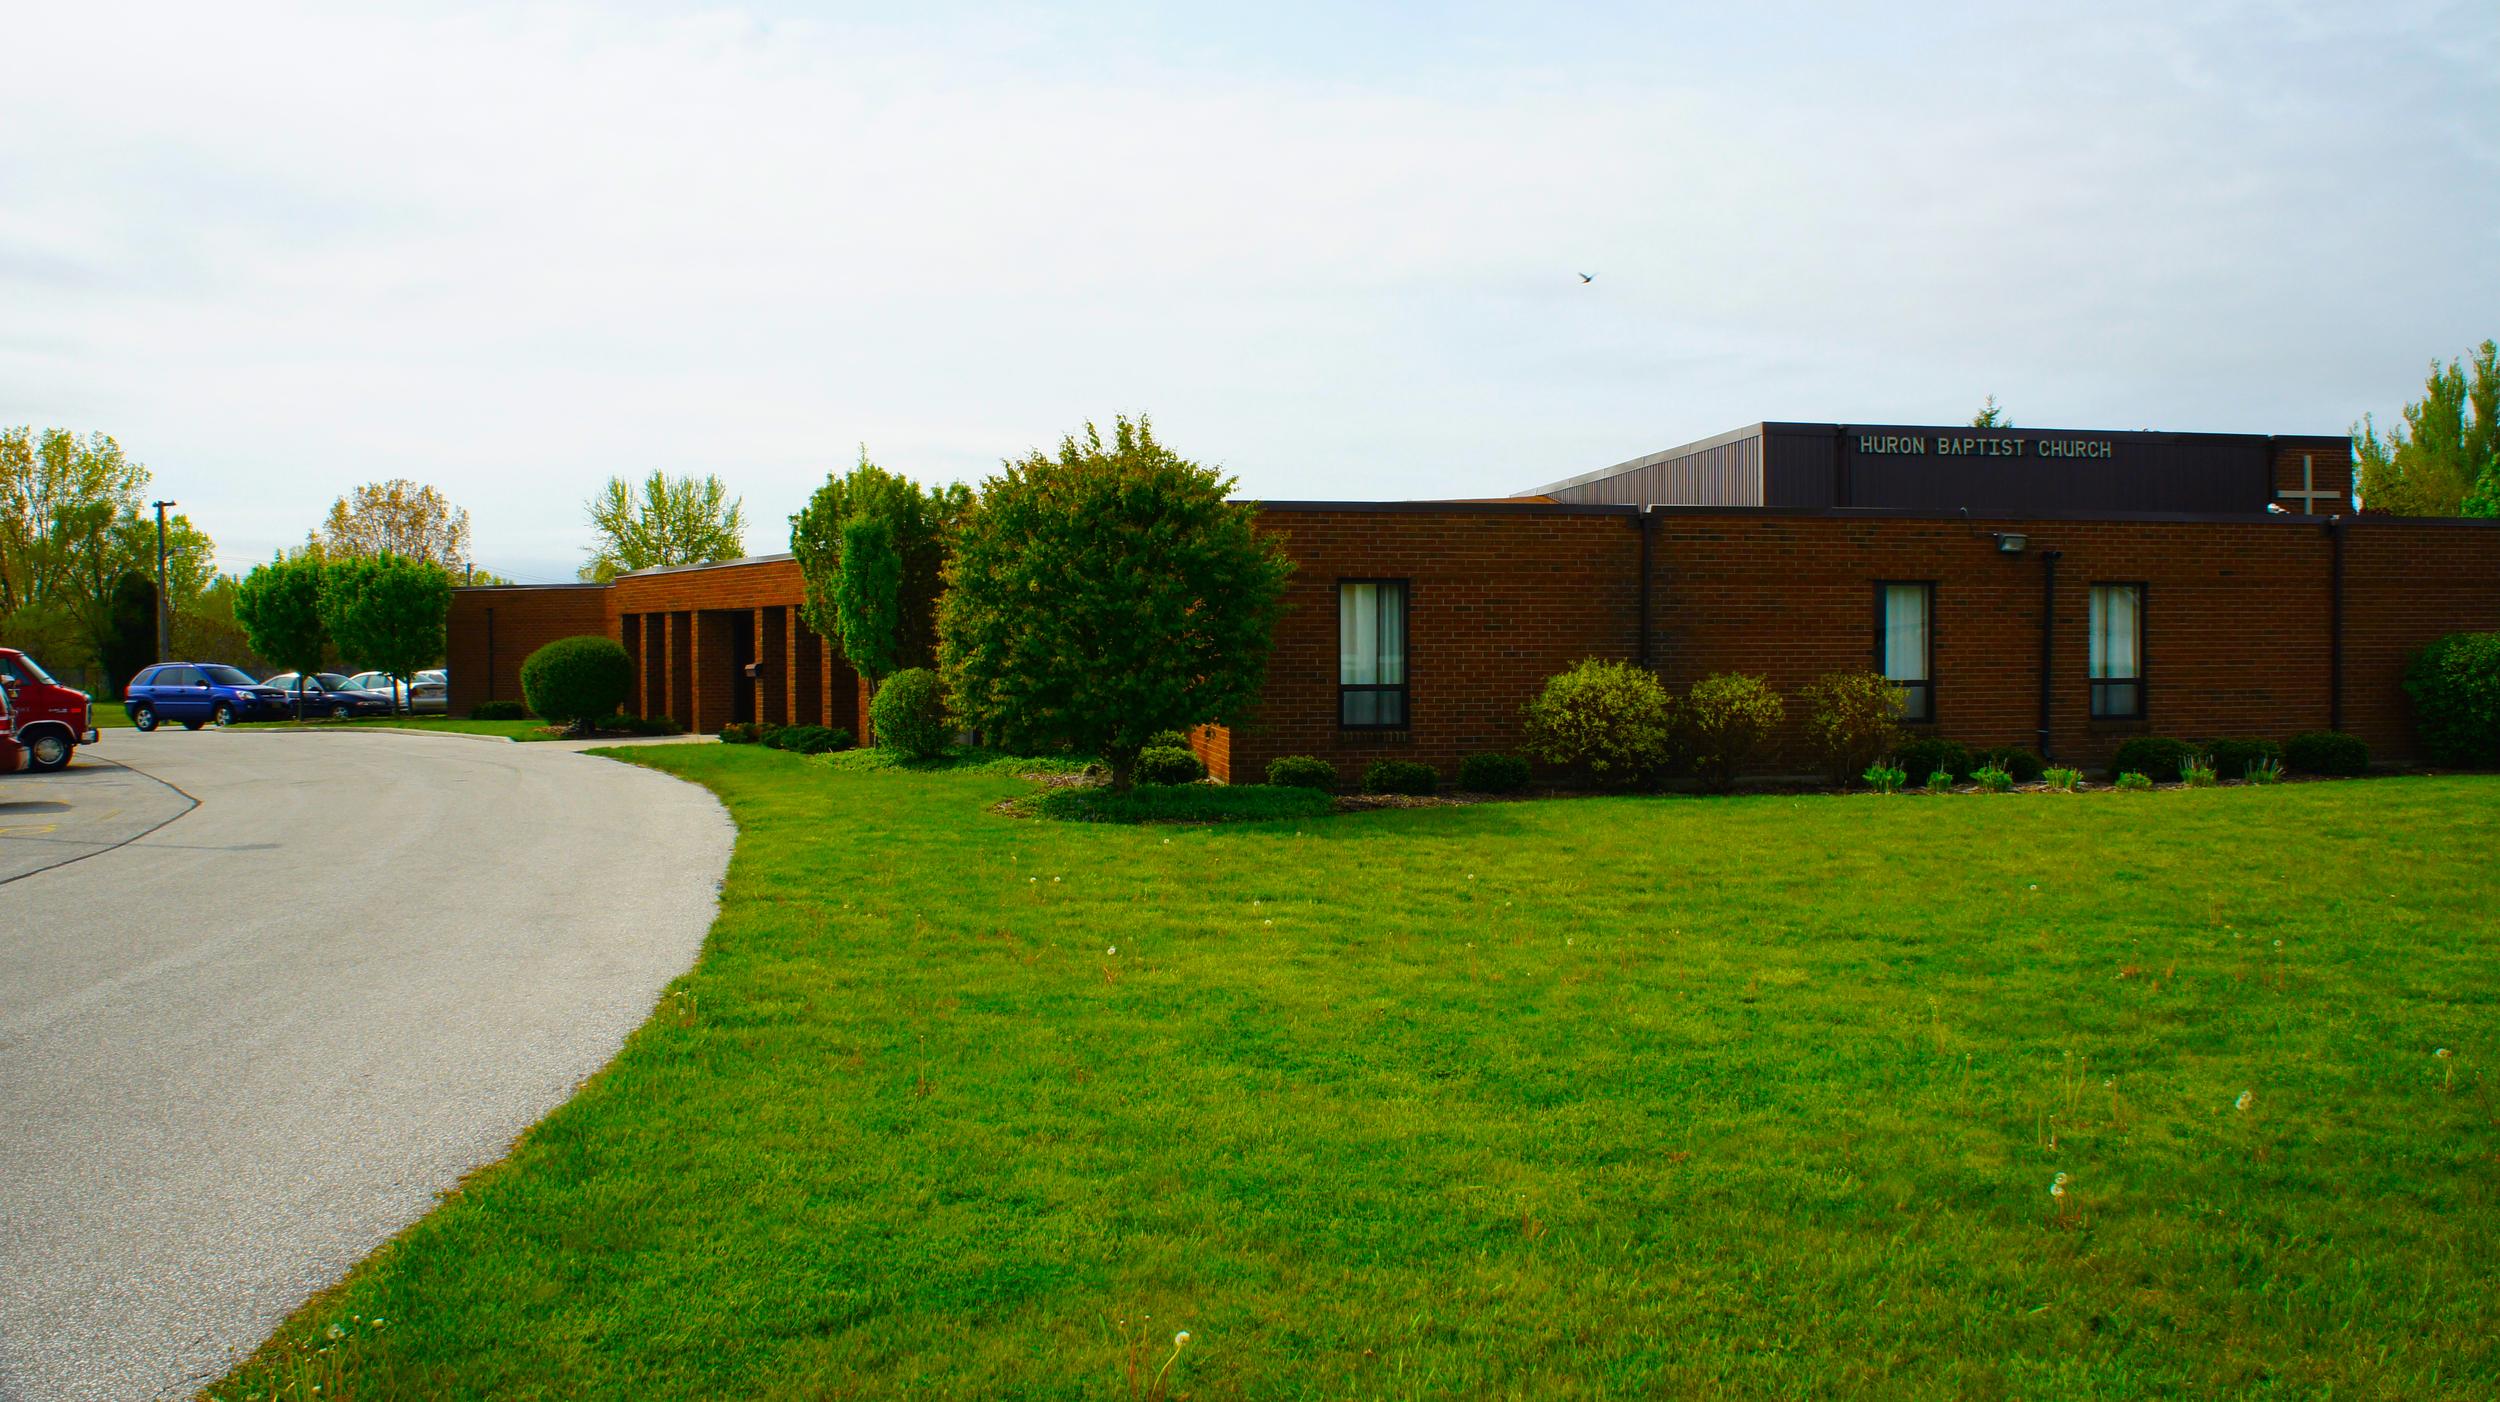 Huron Baptist Church